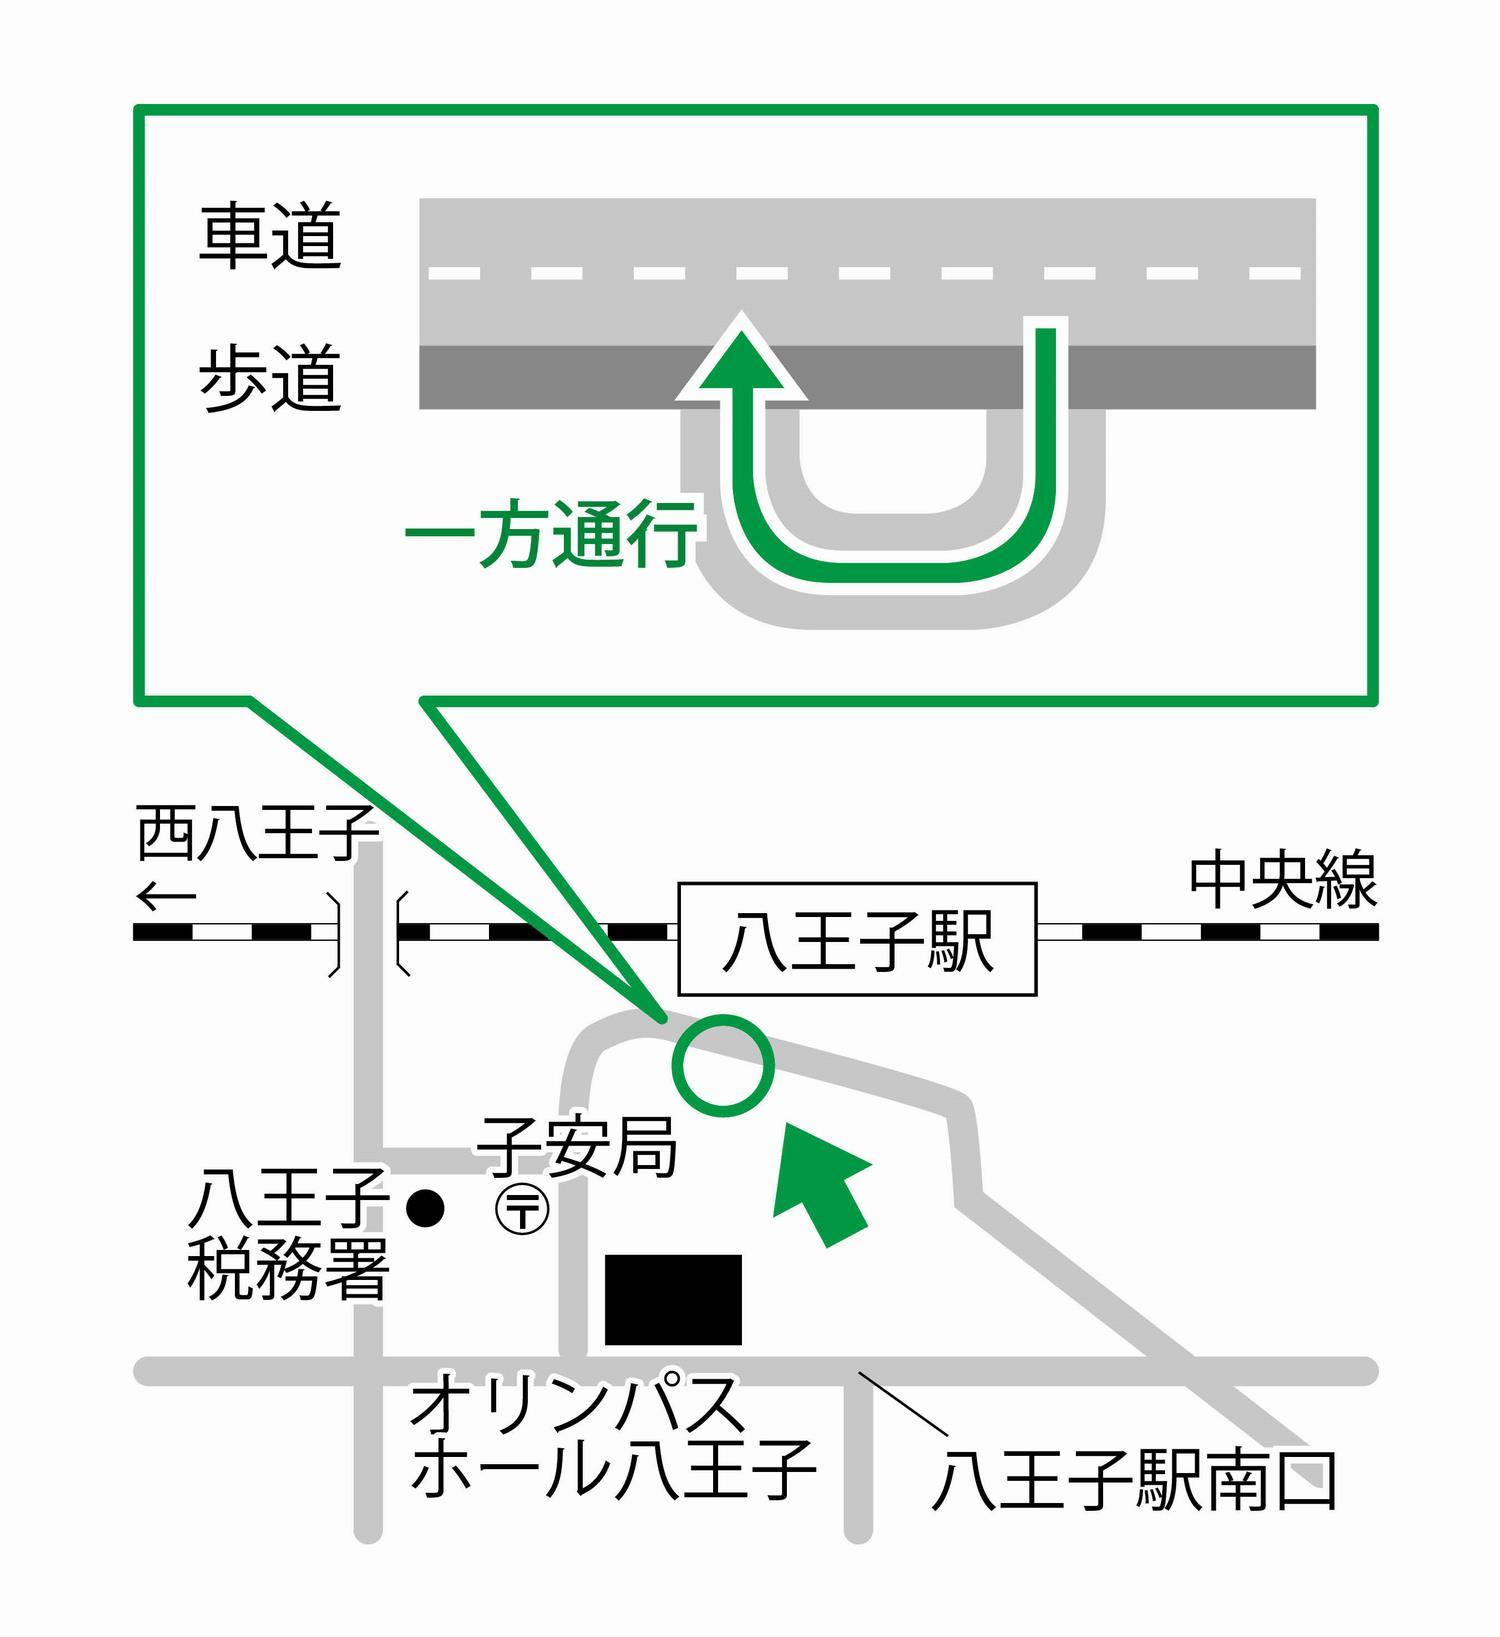 八王子駅南口一般車乗降場の開設について|八王子市公式ホームページ